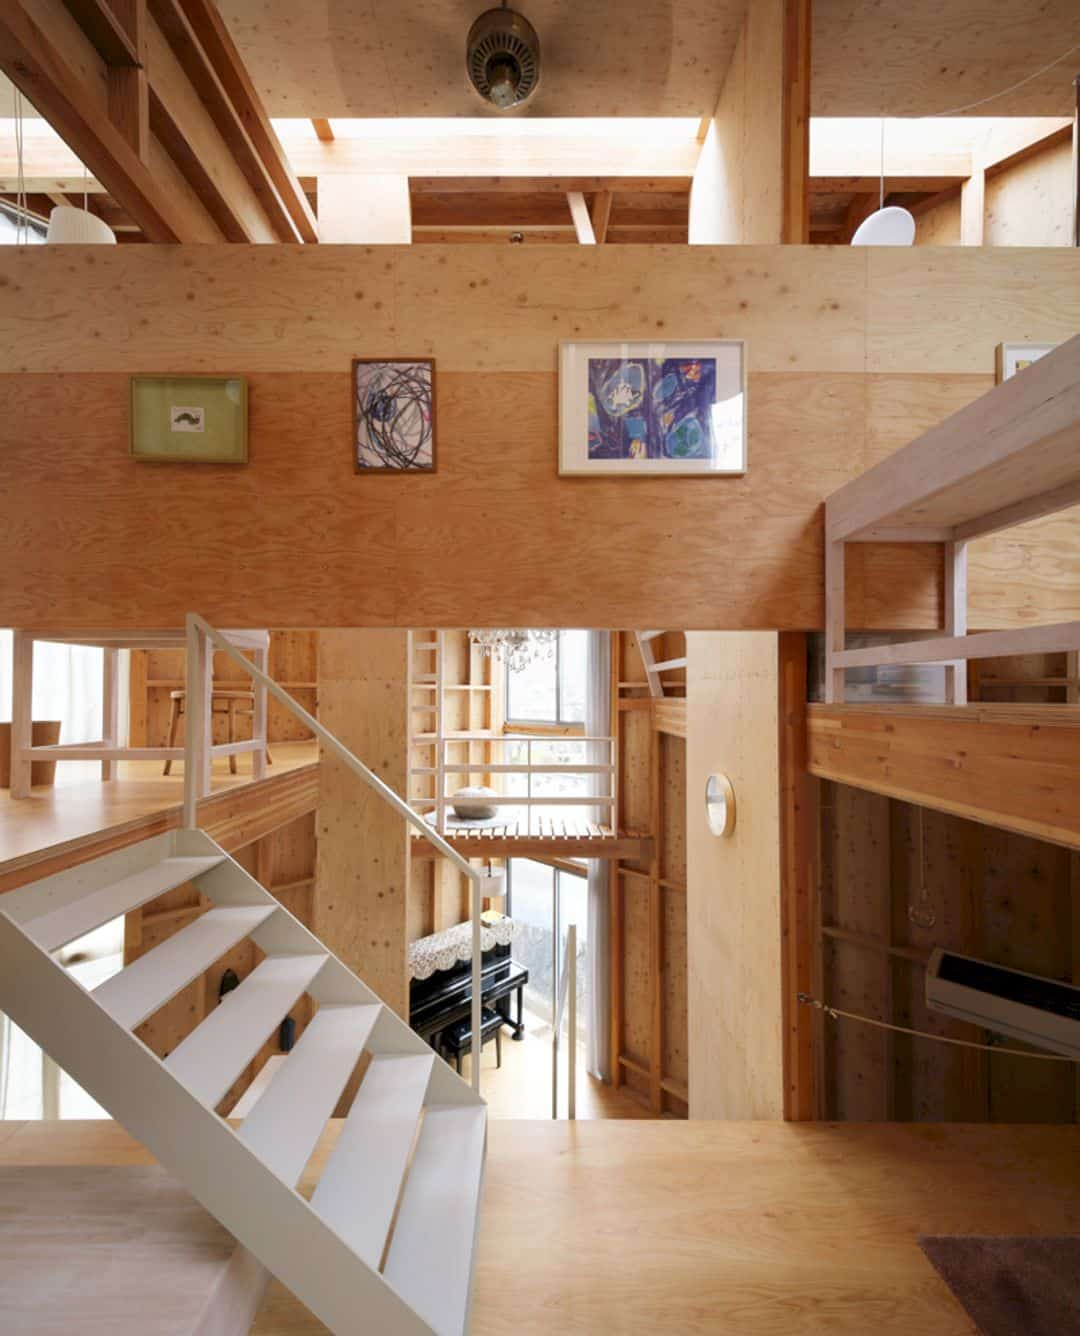 Strip House By Kochi ArchitectsStudio 3